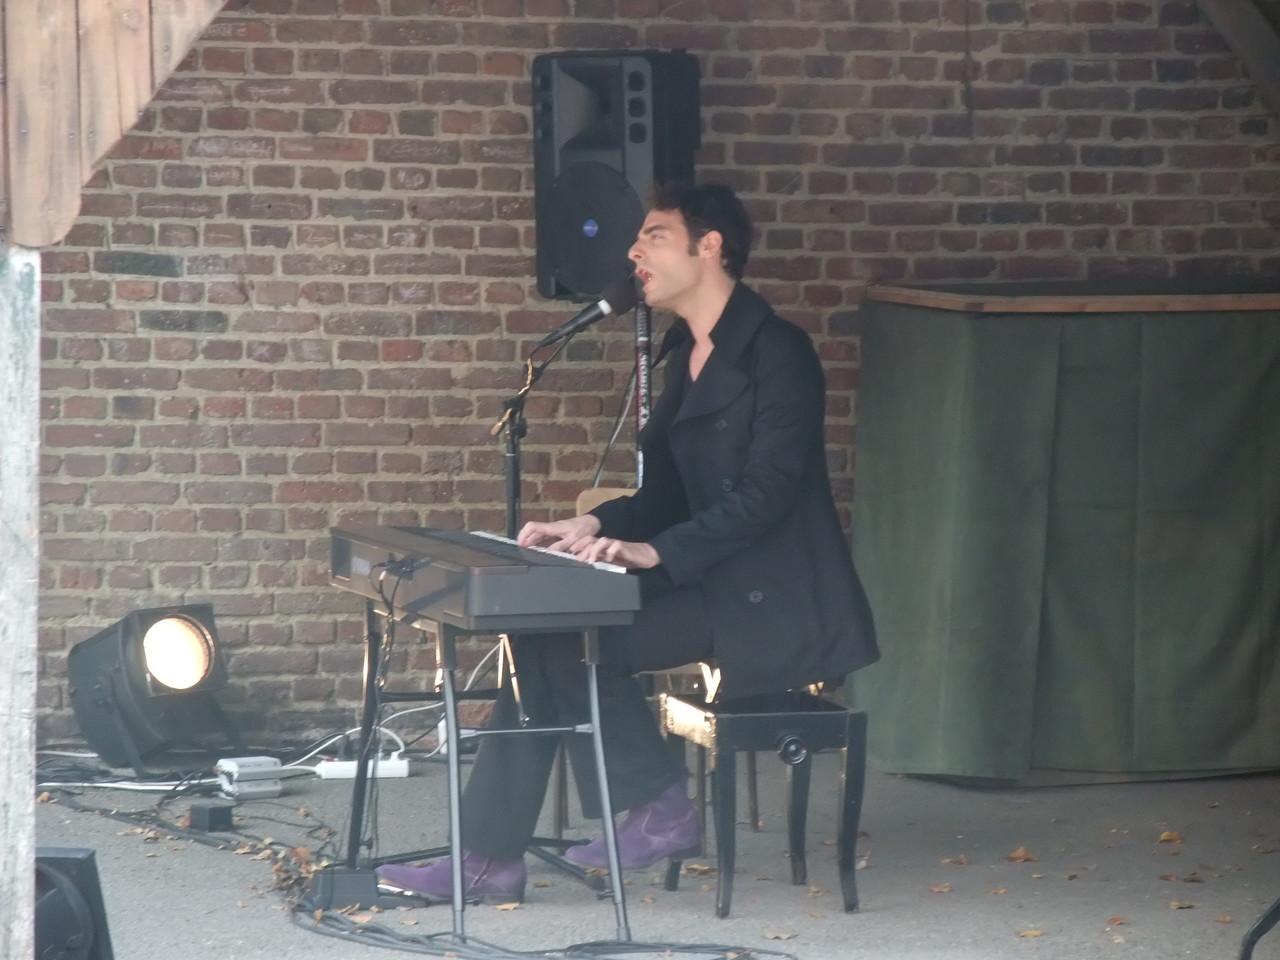 16h dans la cour de l'école, Matthieu Rosaz, piano voix...